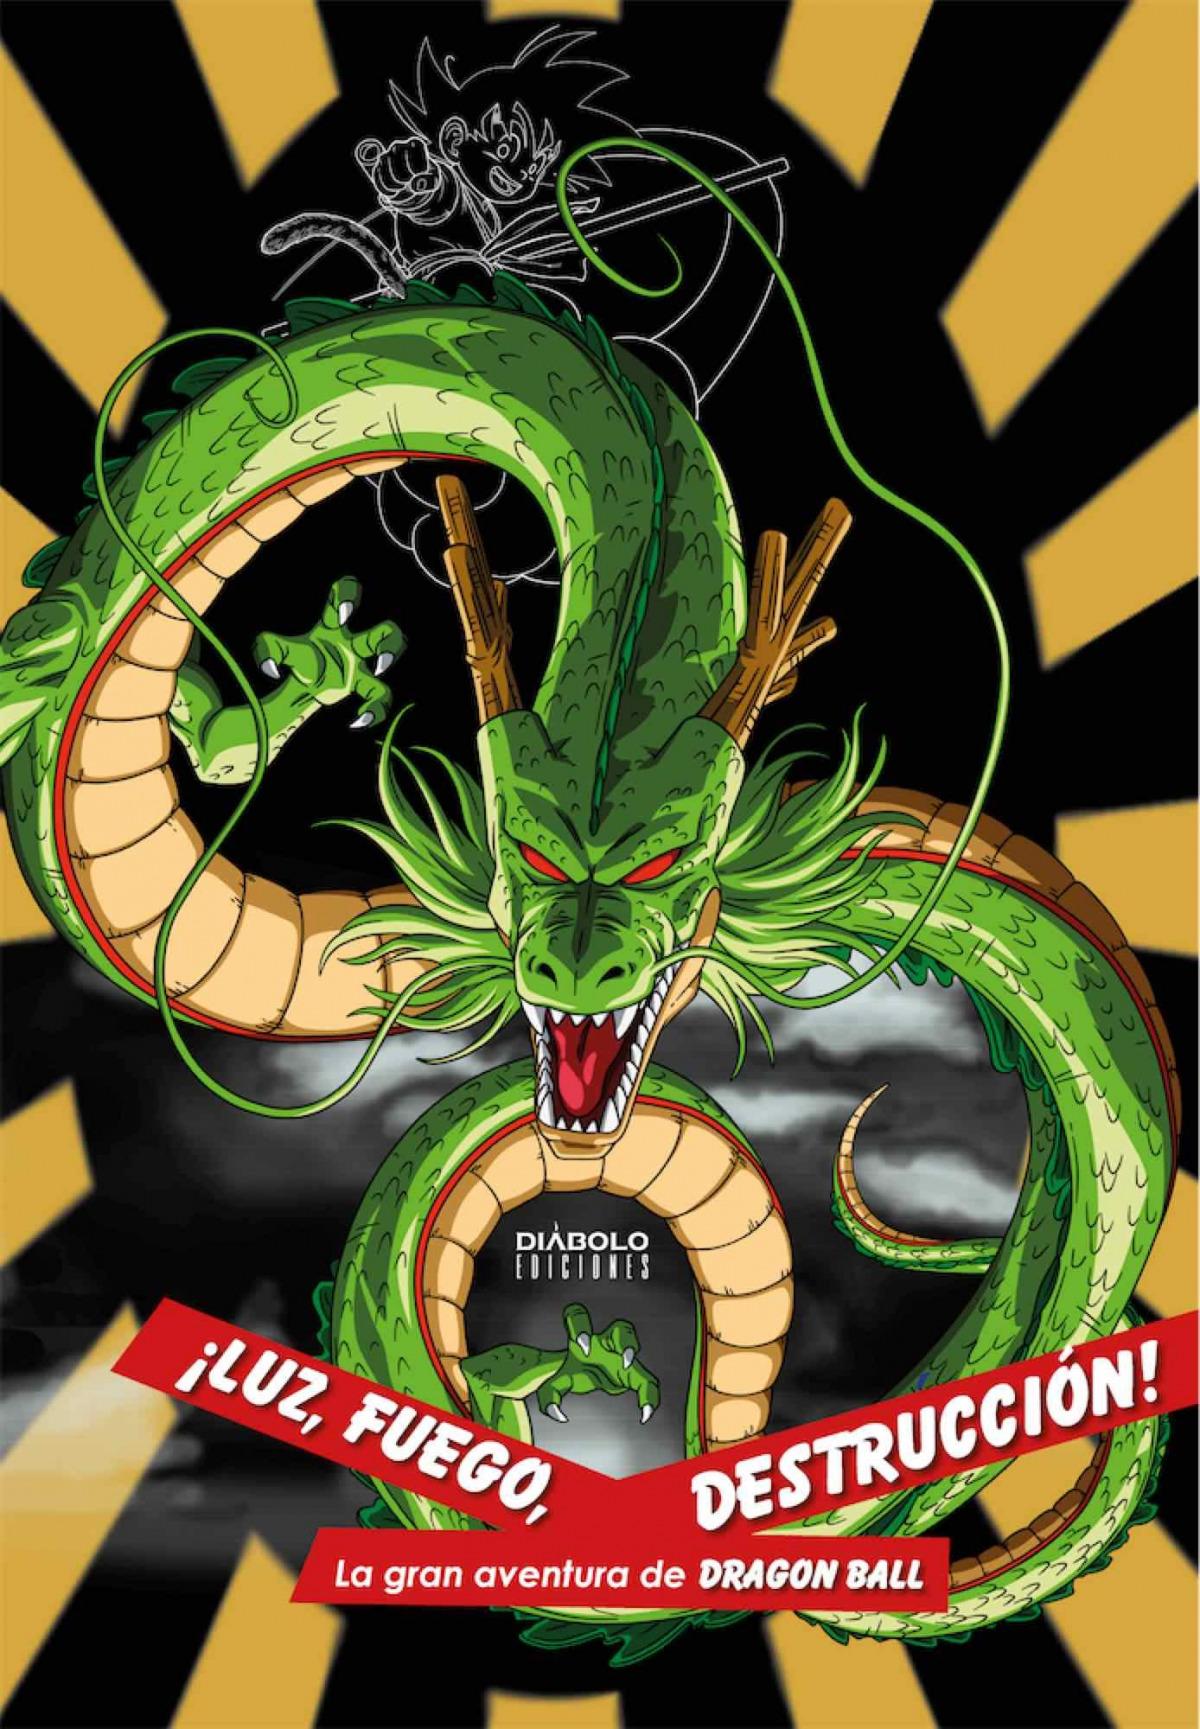 LUZ FUEGO DESTRUCCION